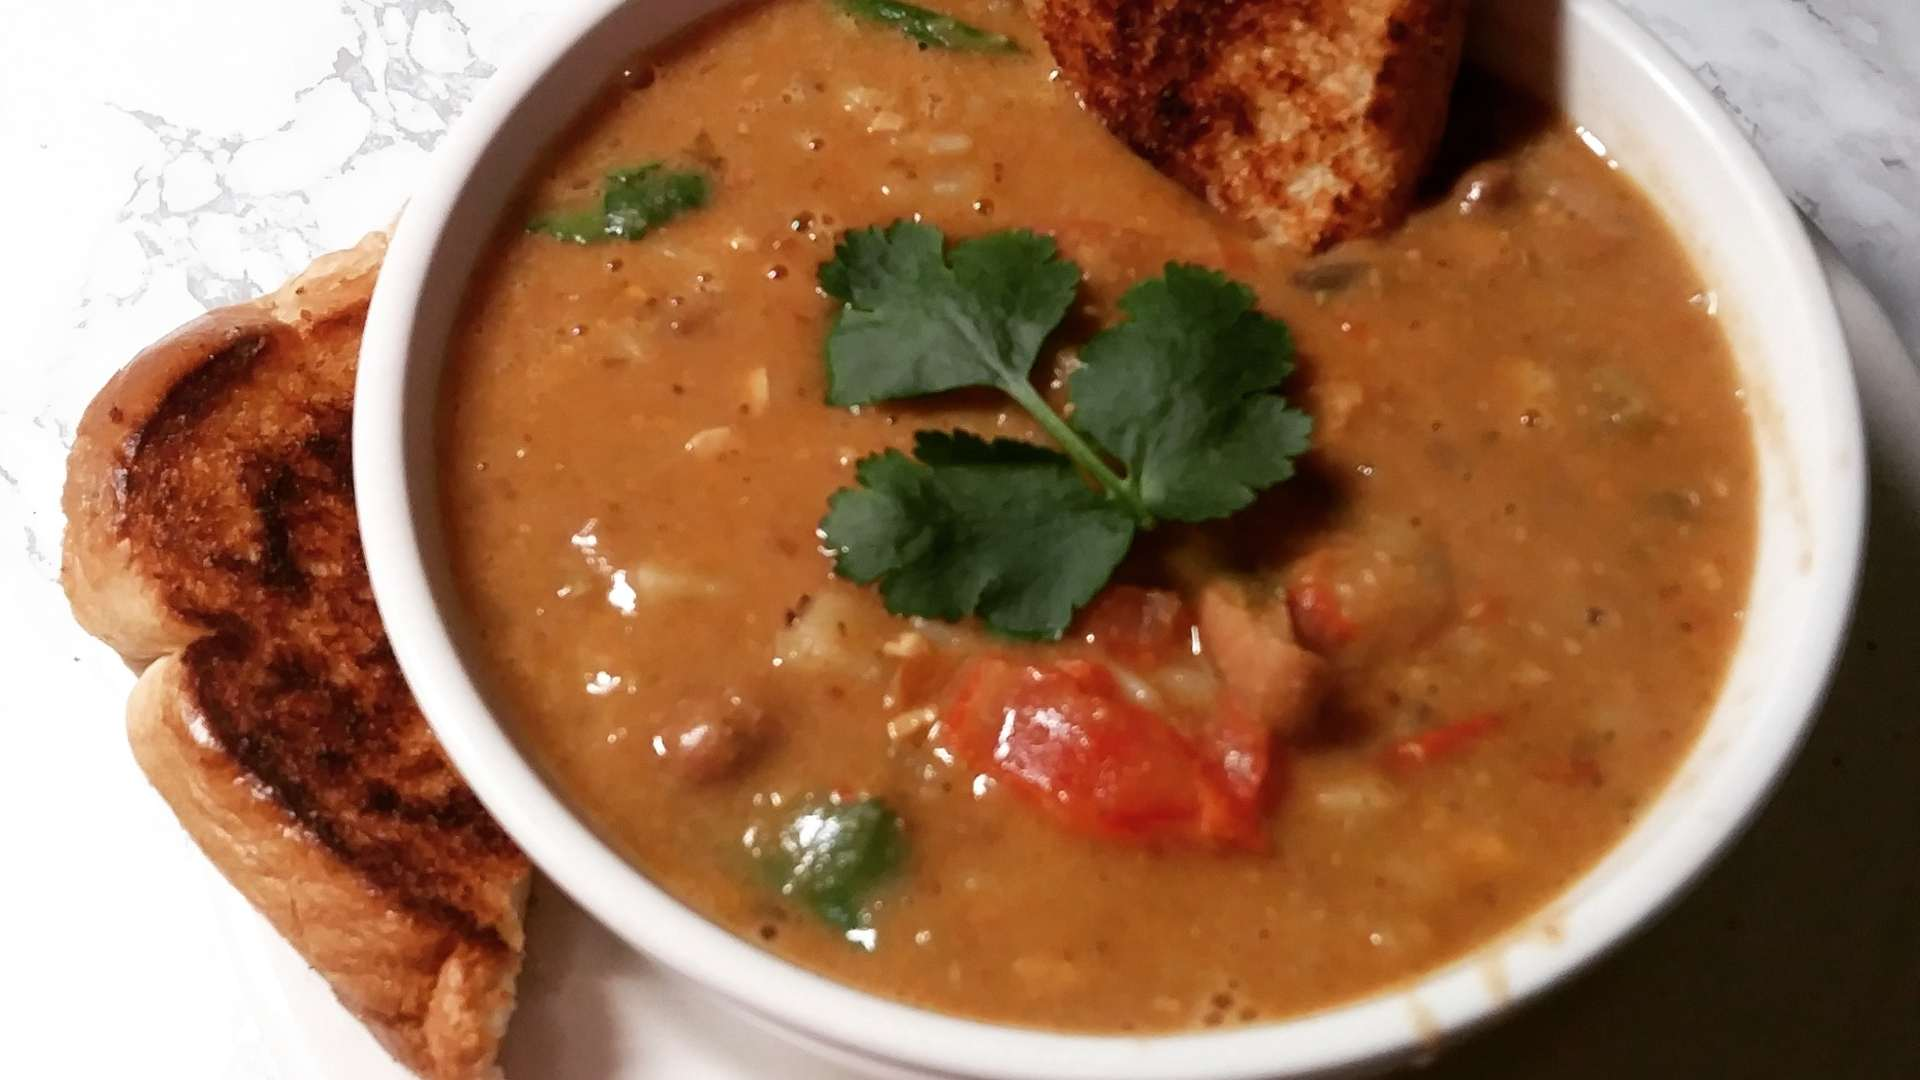 Receita de sopa de feijão com macarrão